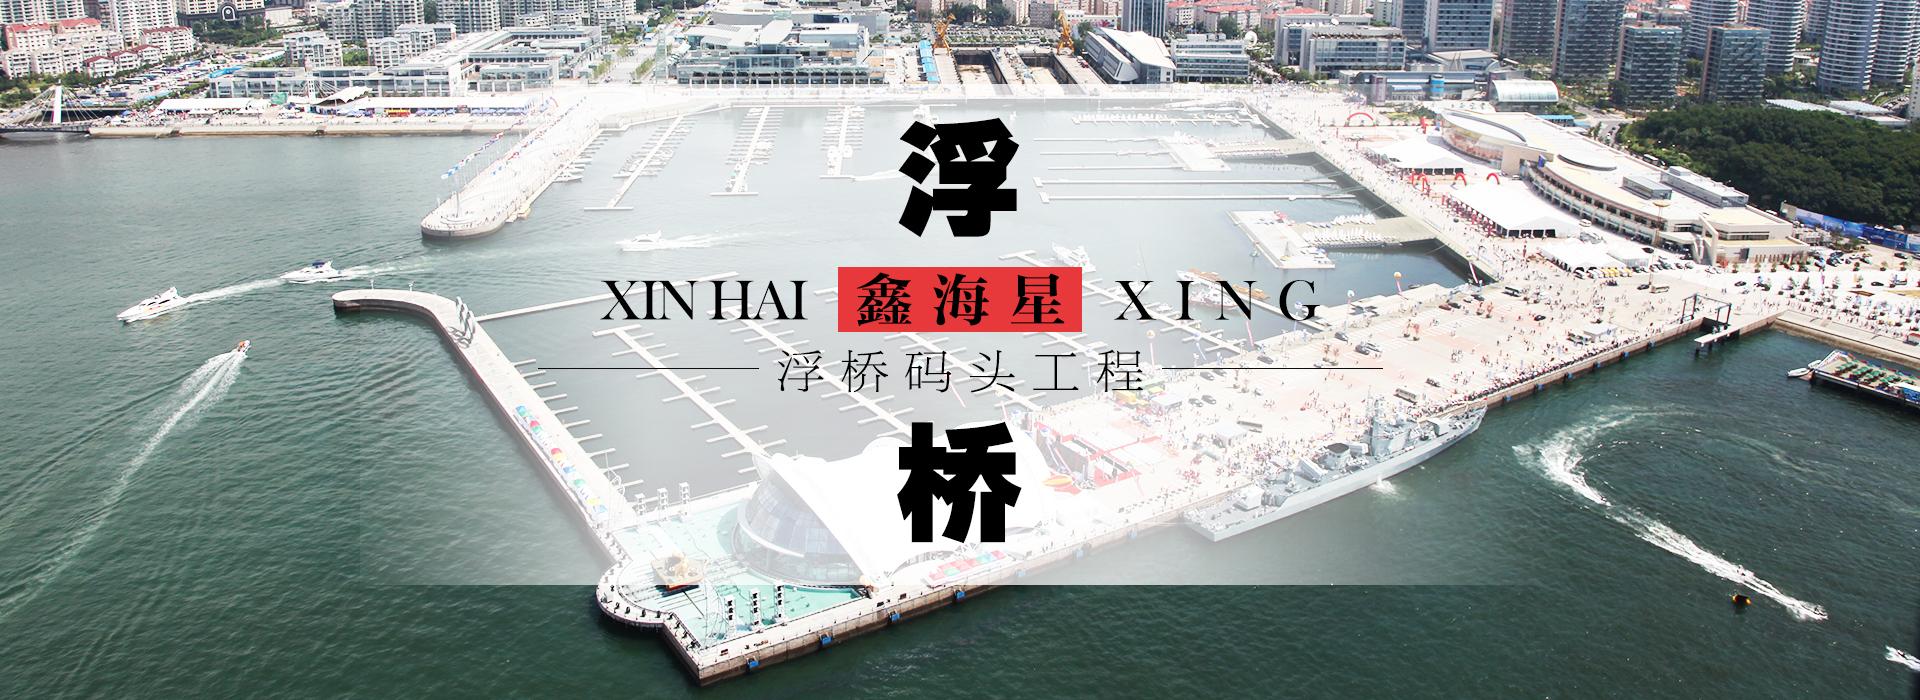 游艇码头工程